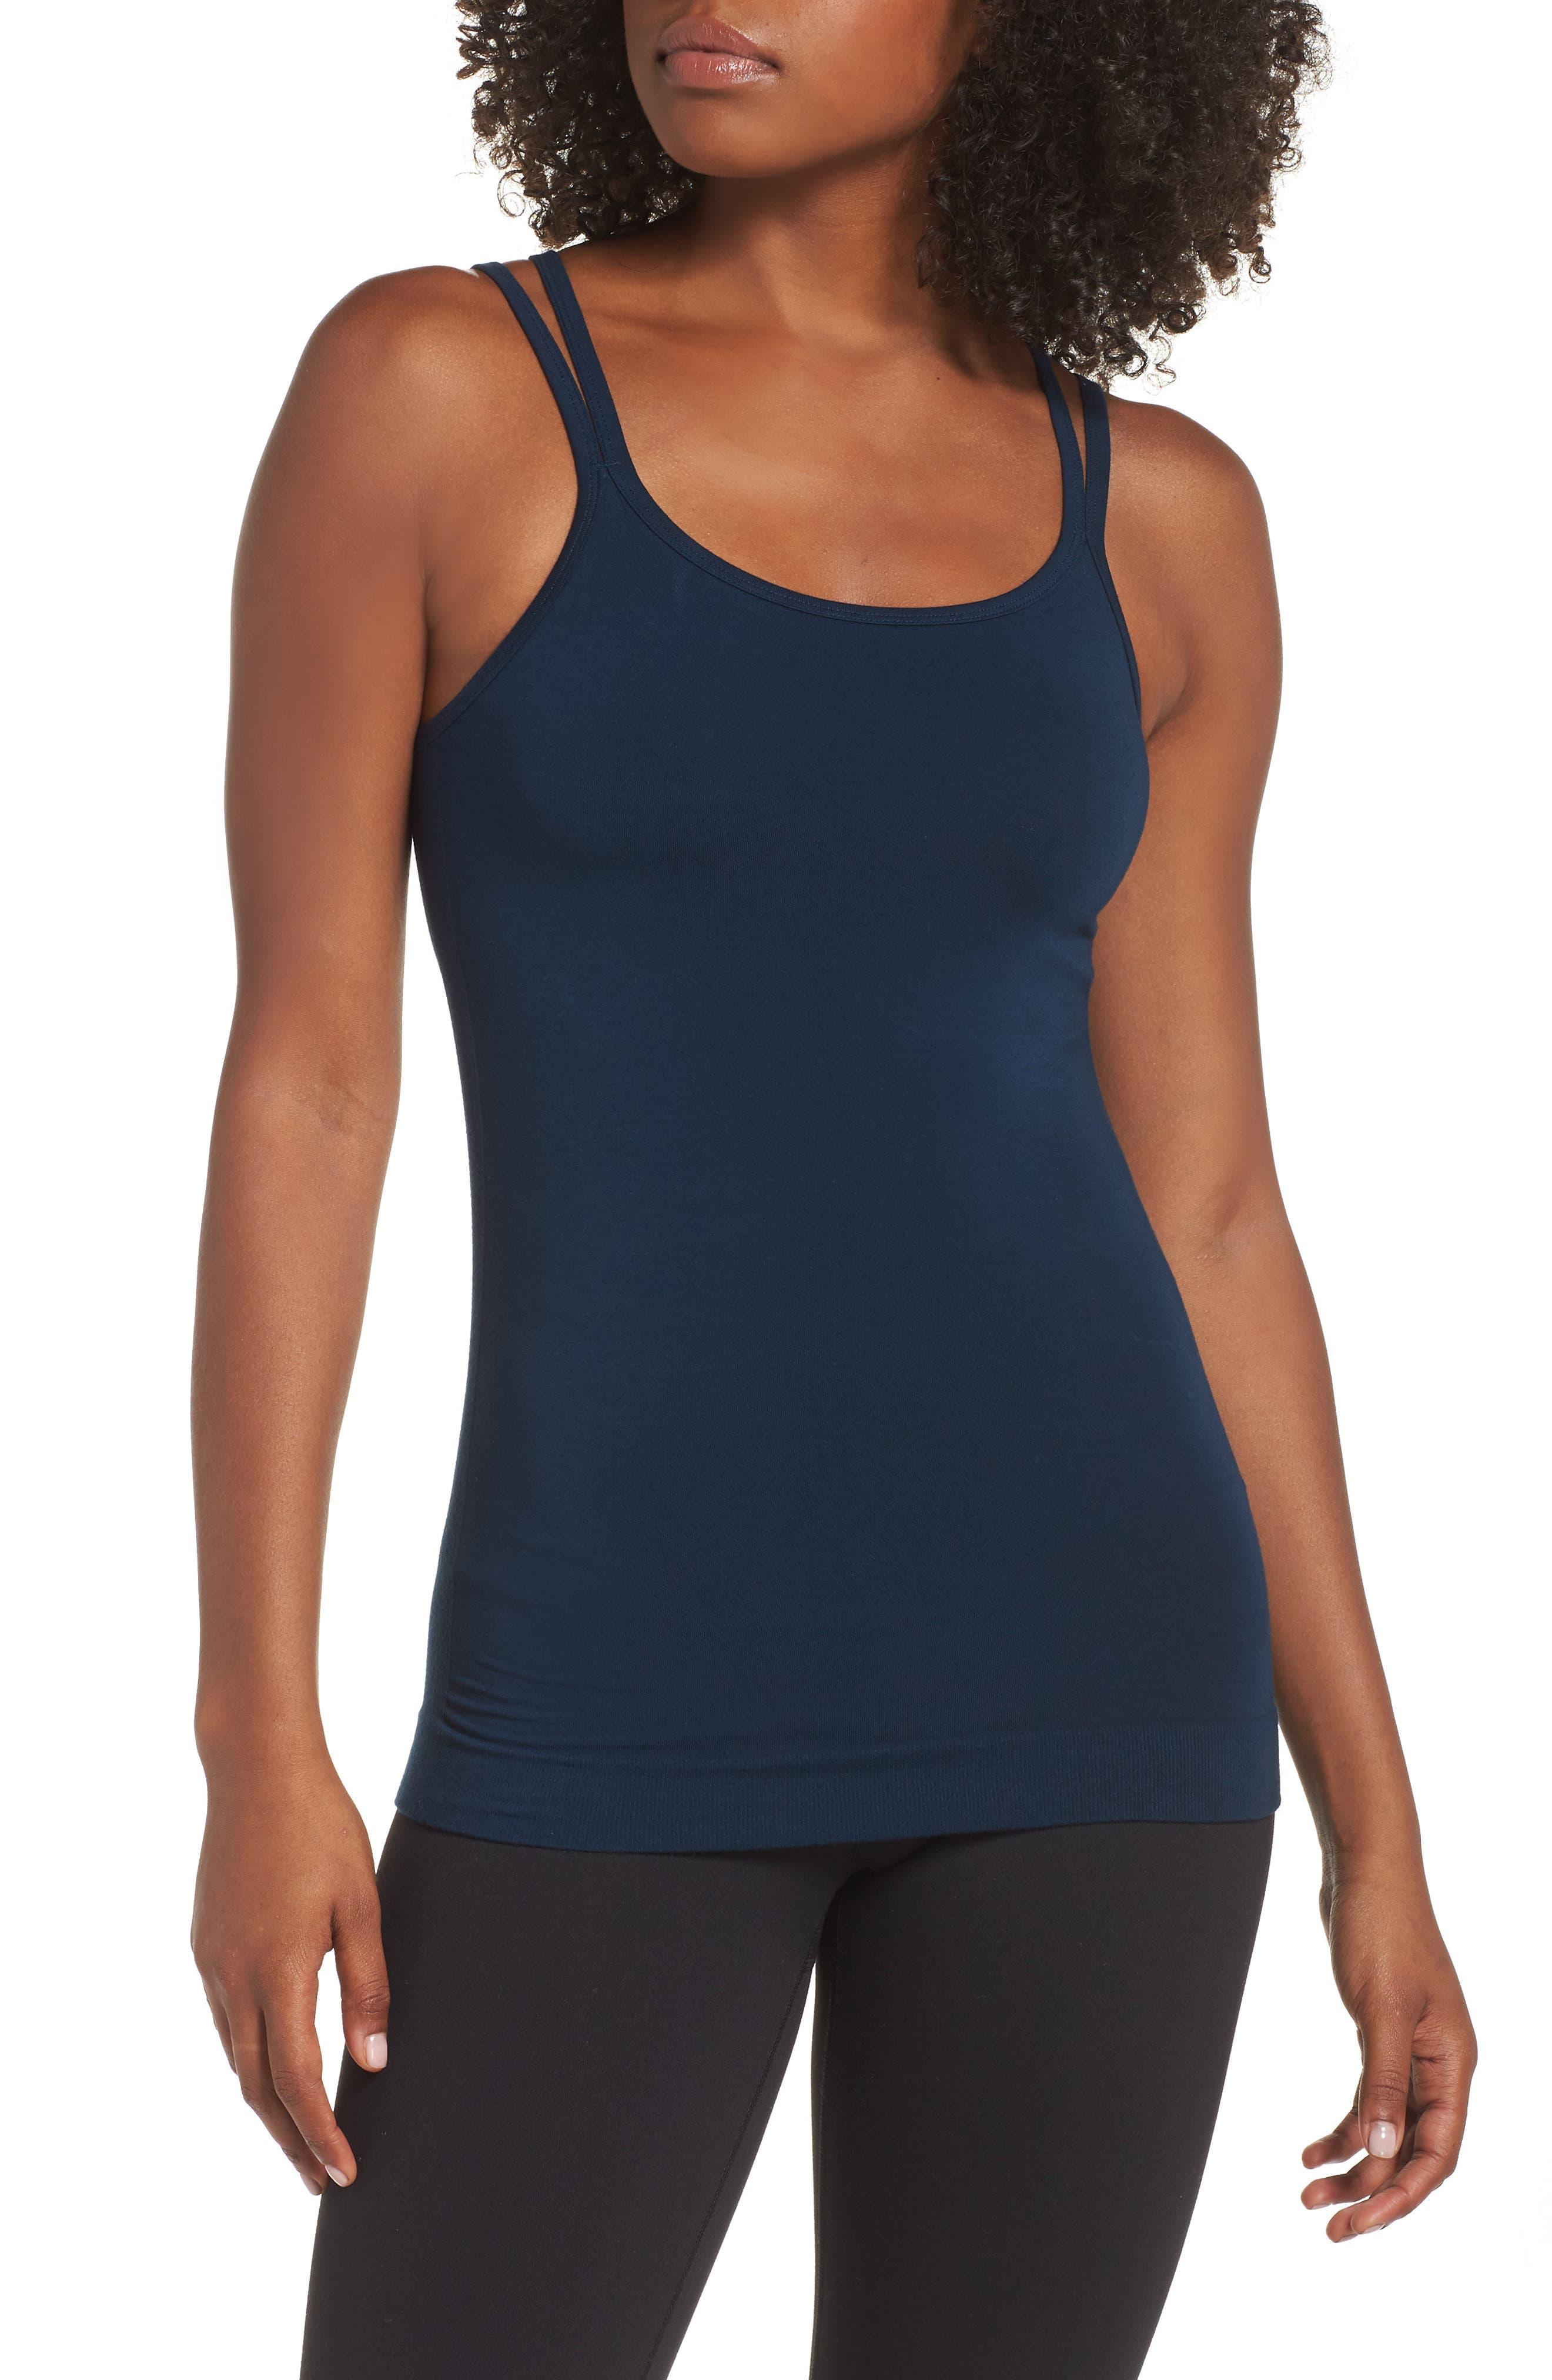 Namaska Yoga Tank,                             Main thumbnail 1, color,                             BEETLE BLUE